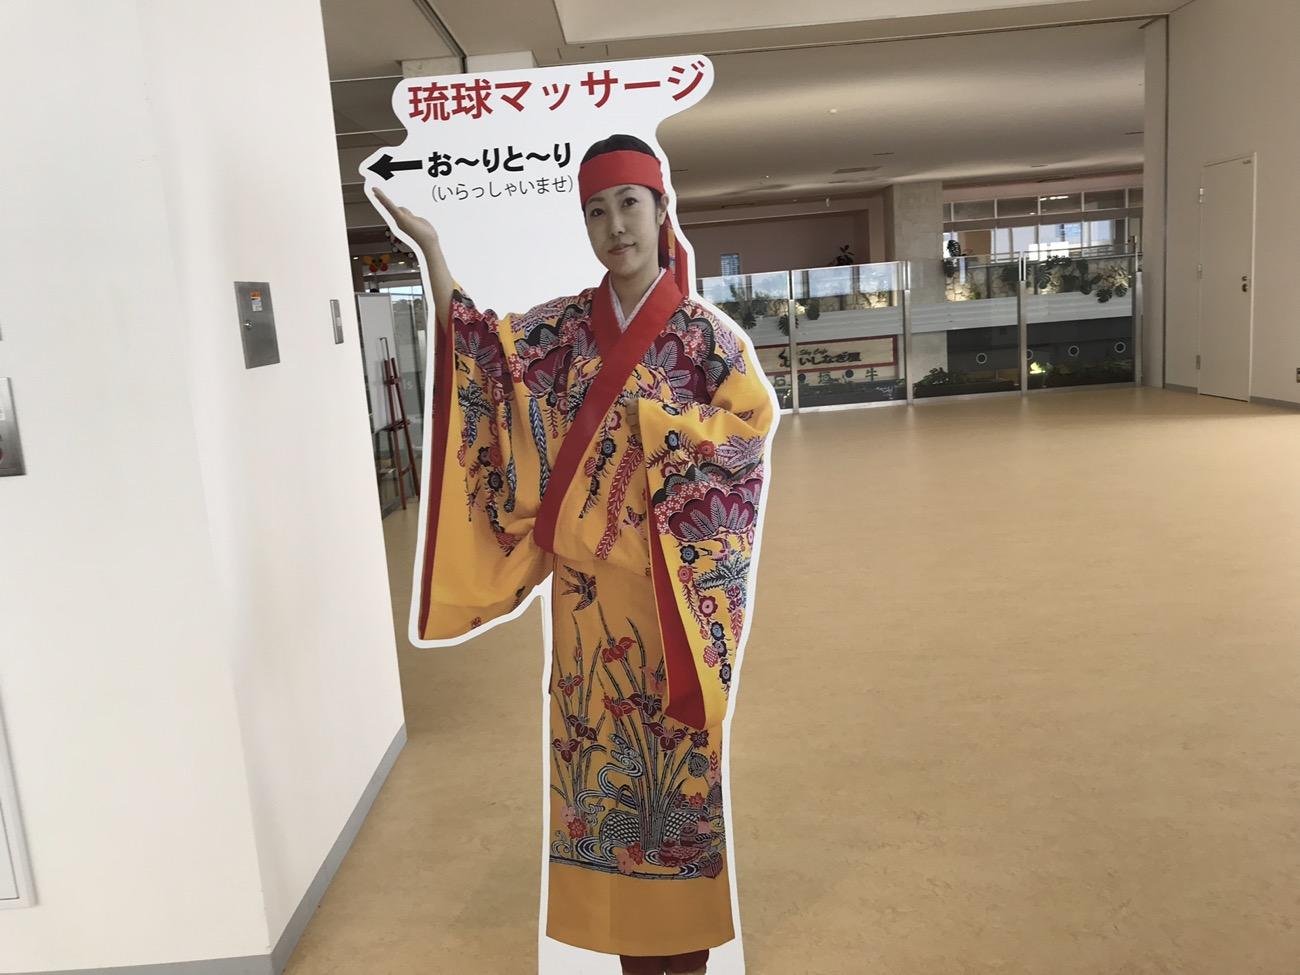 石垣空港 マッサージ 時間つぶしにお最適 琉球マッサージパナン